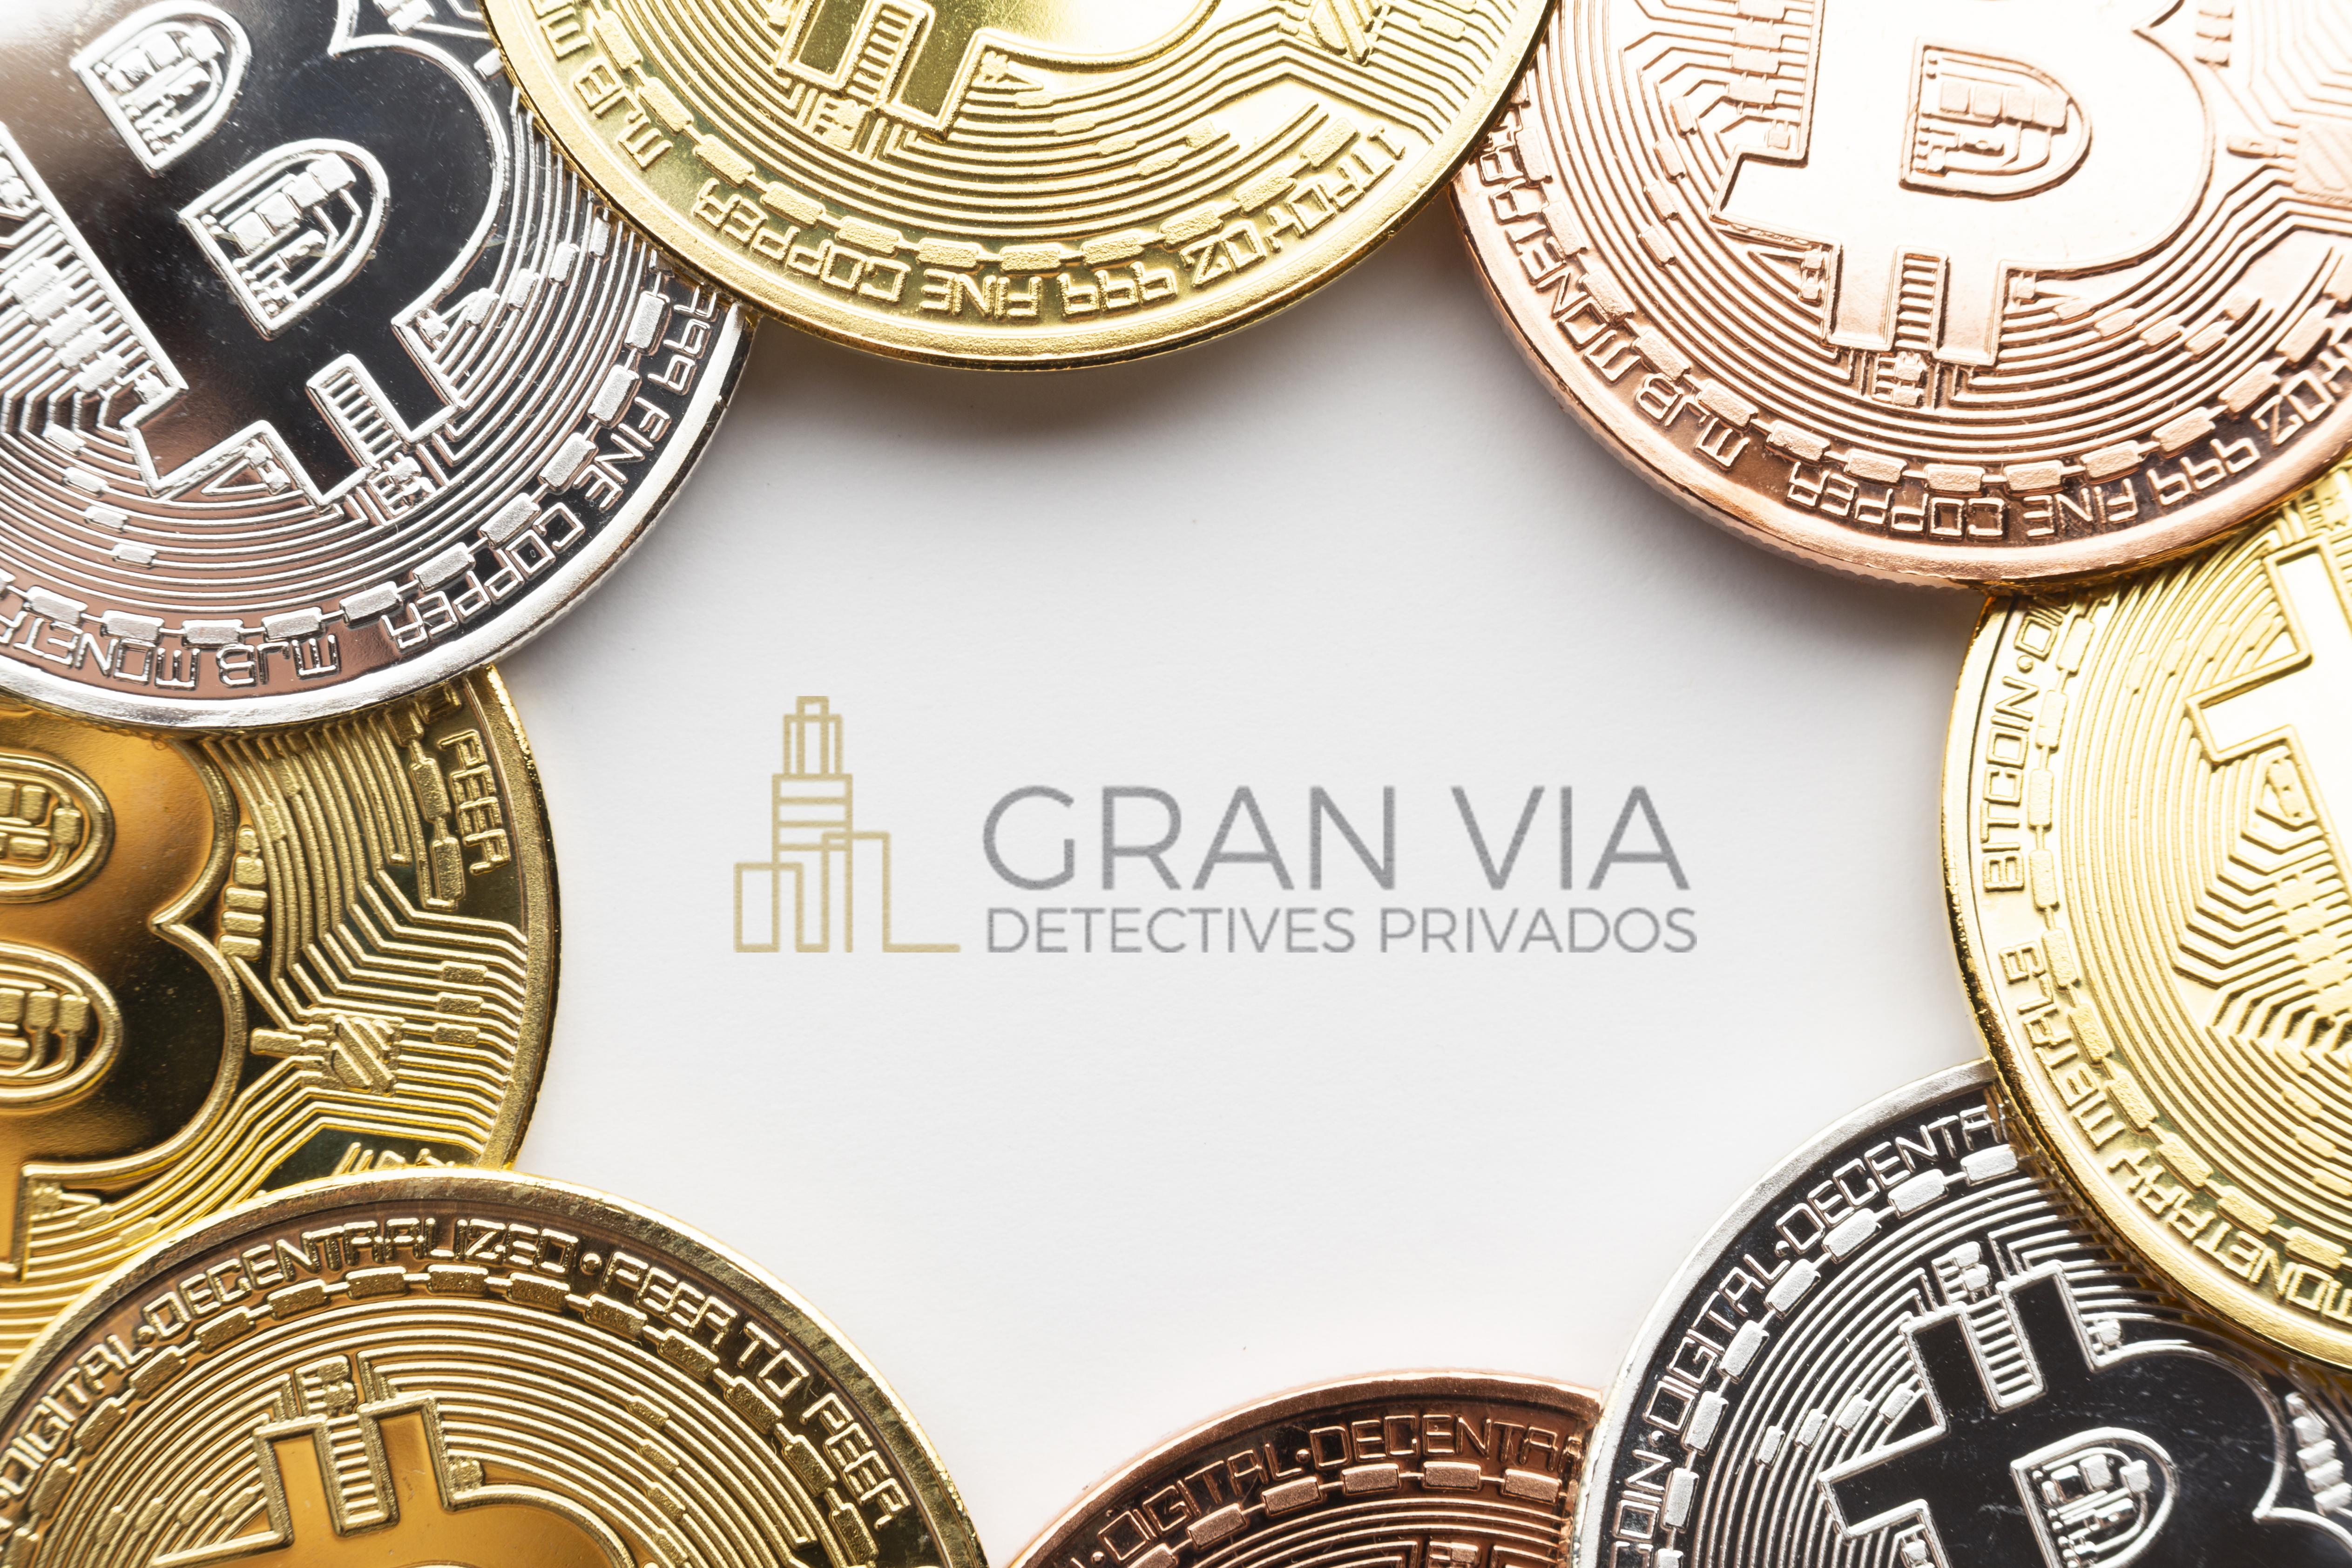 Pagar detective bitcoin